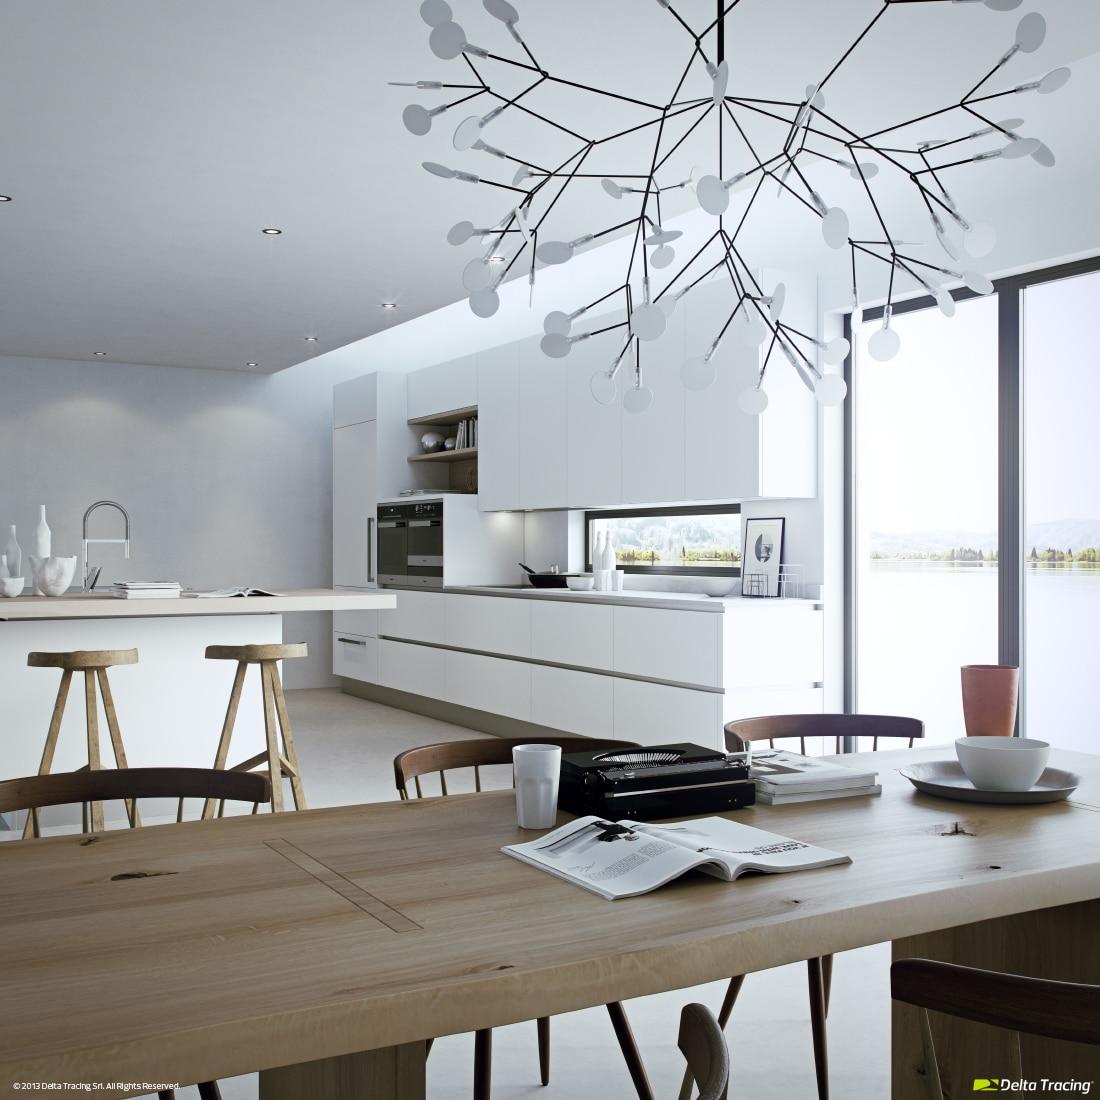 Dise o de cocinas modernas iluminaci n de interiores - Lamparas de techo cocina ...